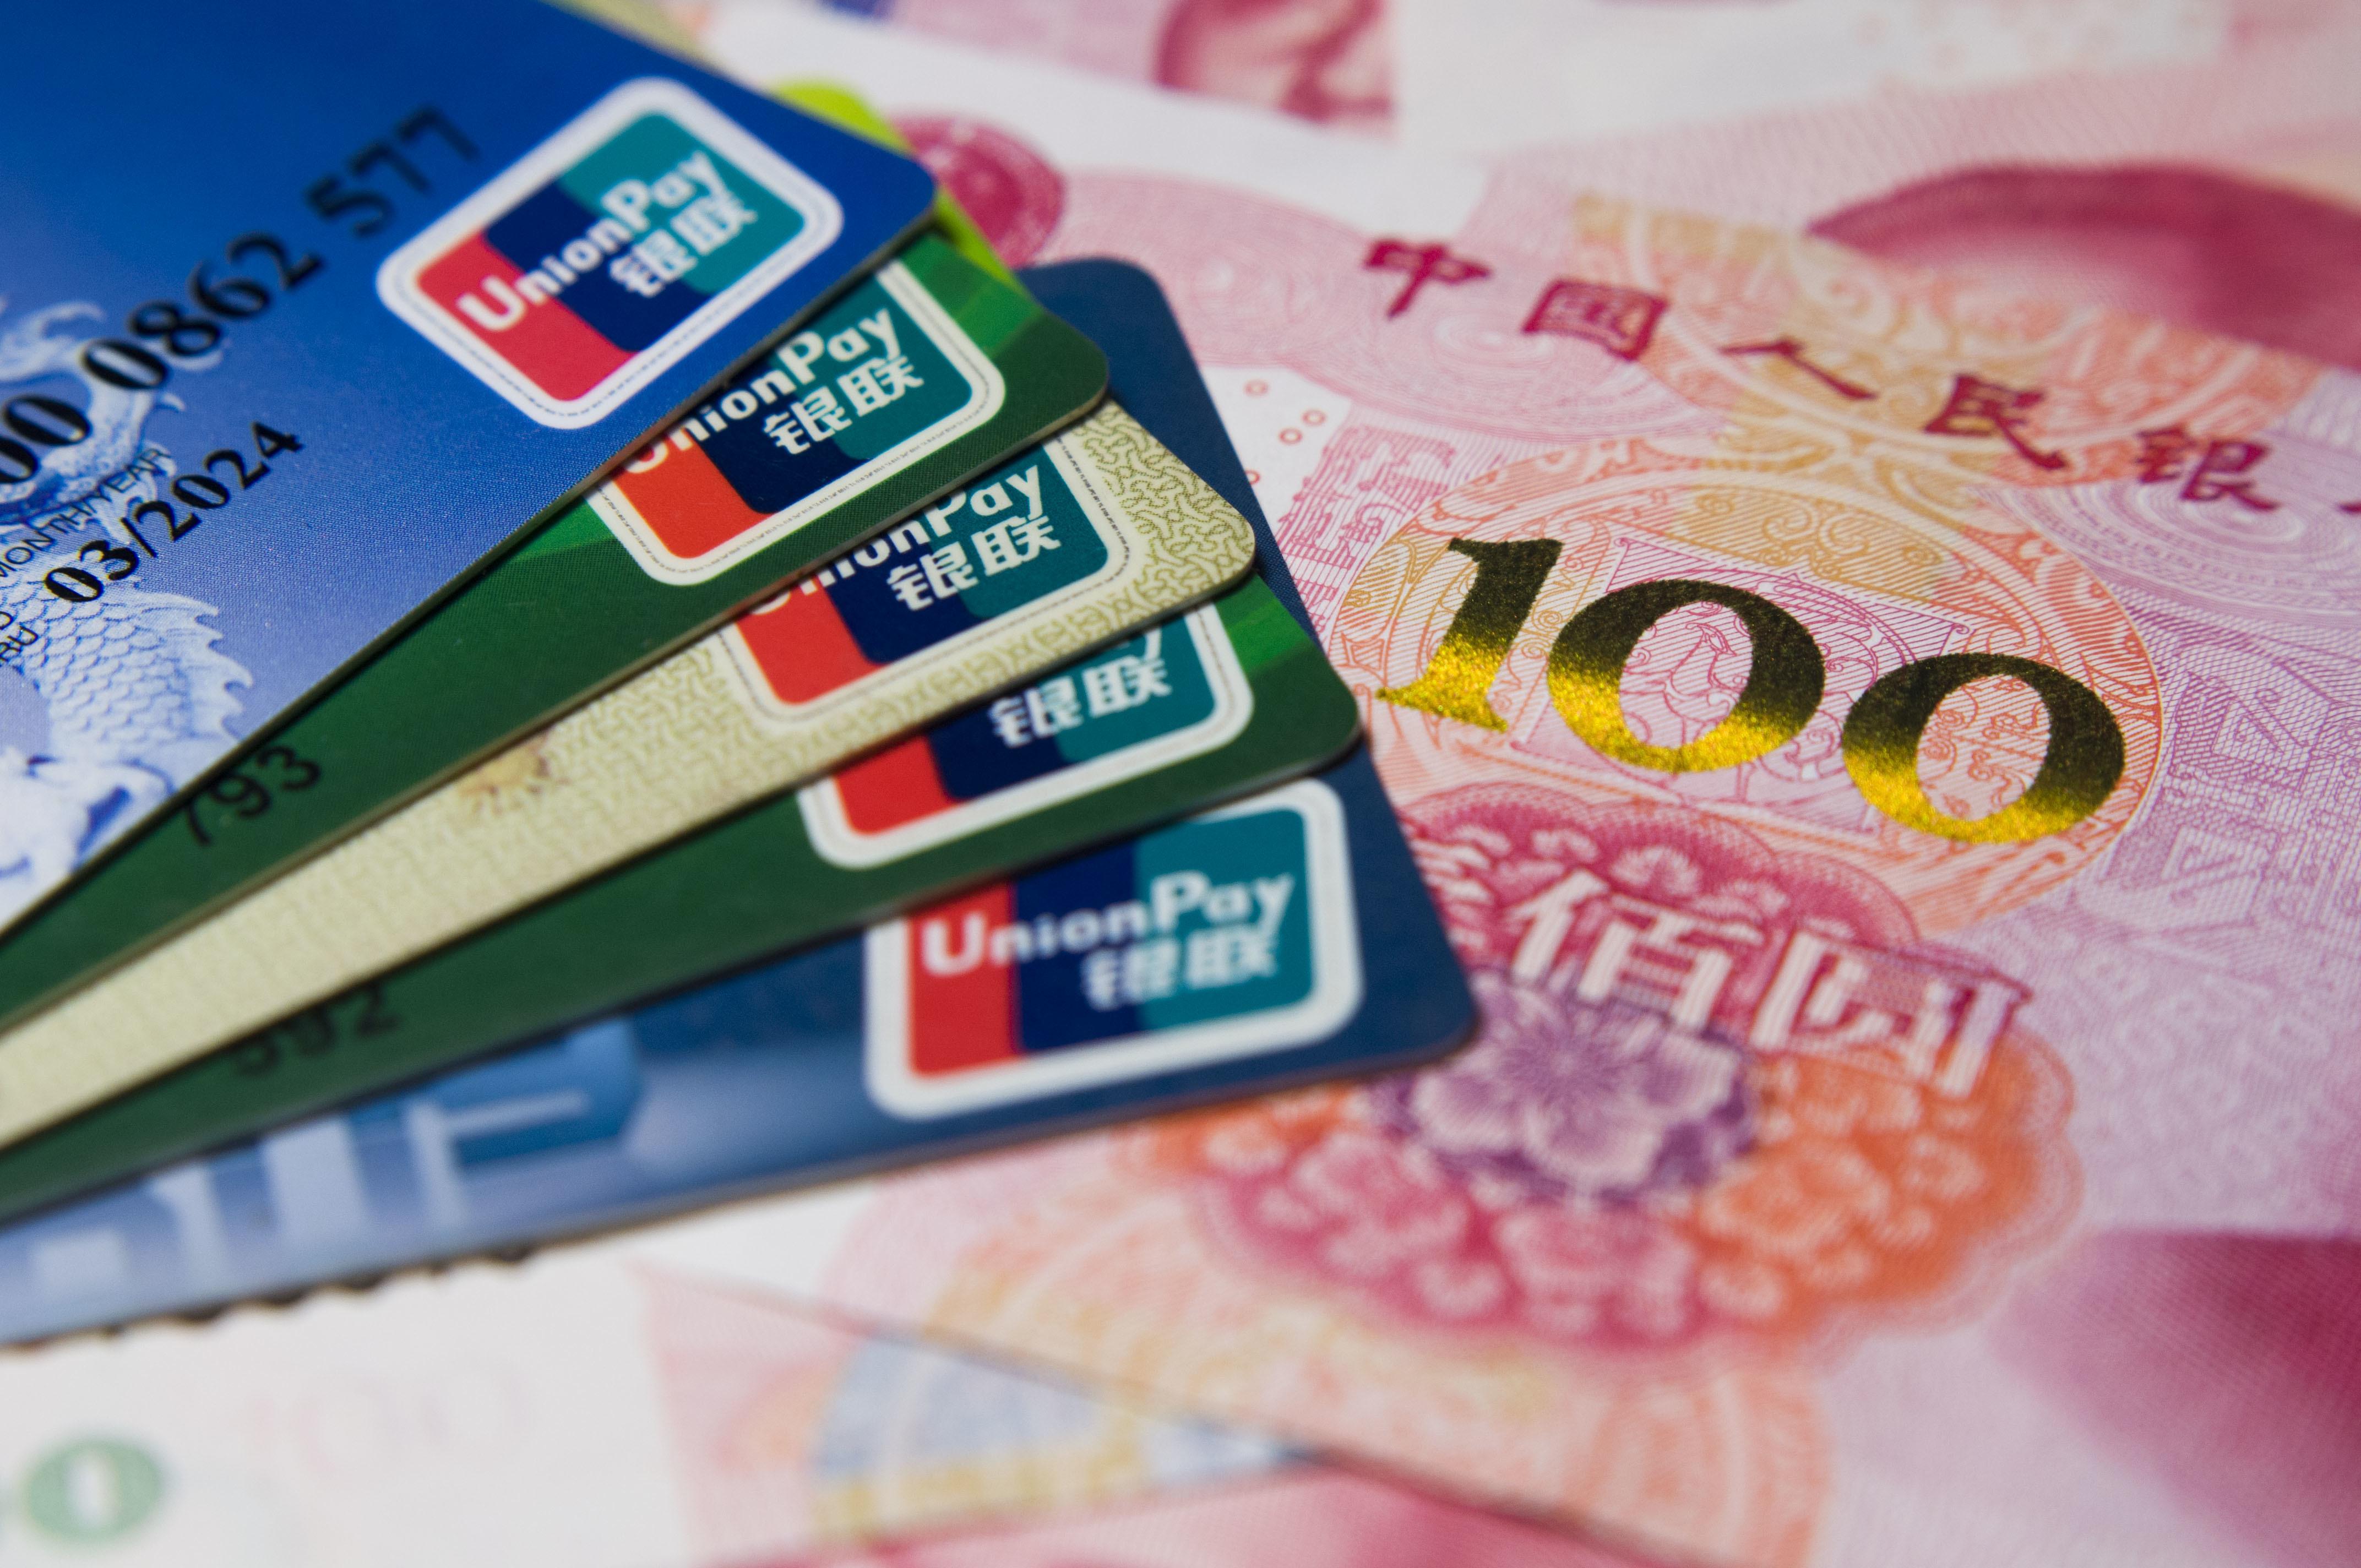 想升级中信信用卡? 强烈推荐中信神卡—小白金易卡!